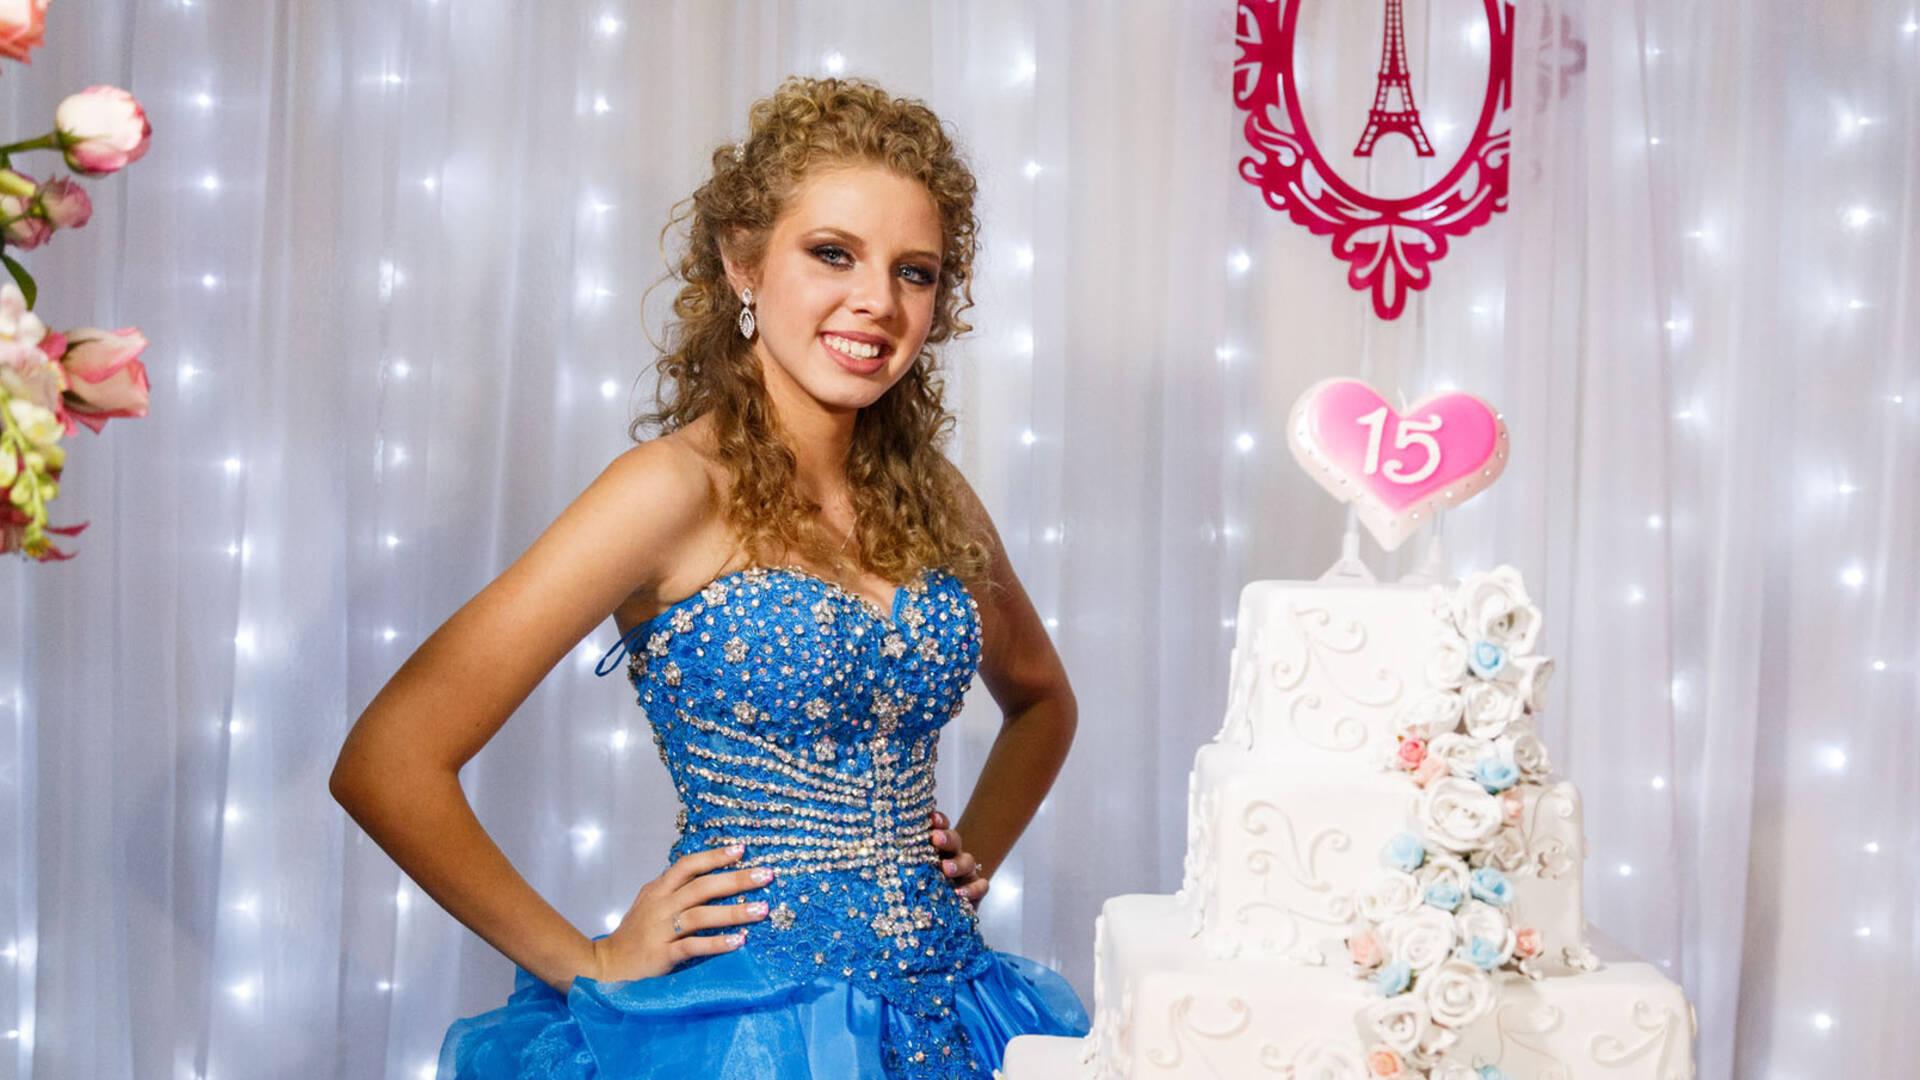 Aniversário de Jennifer | 15 anos